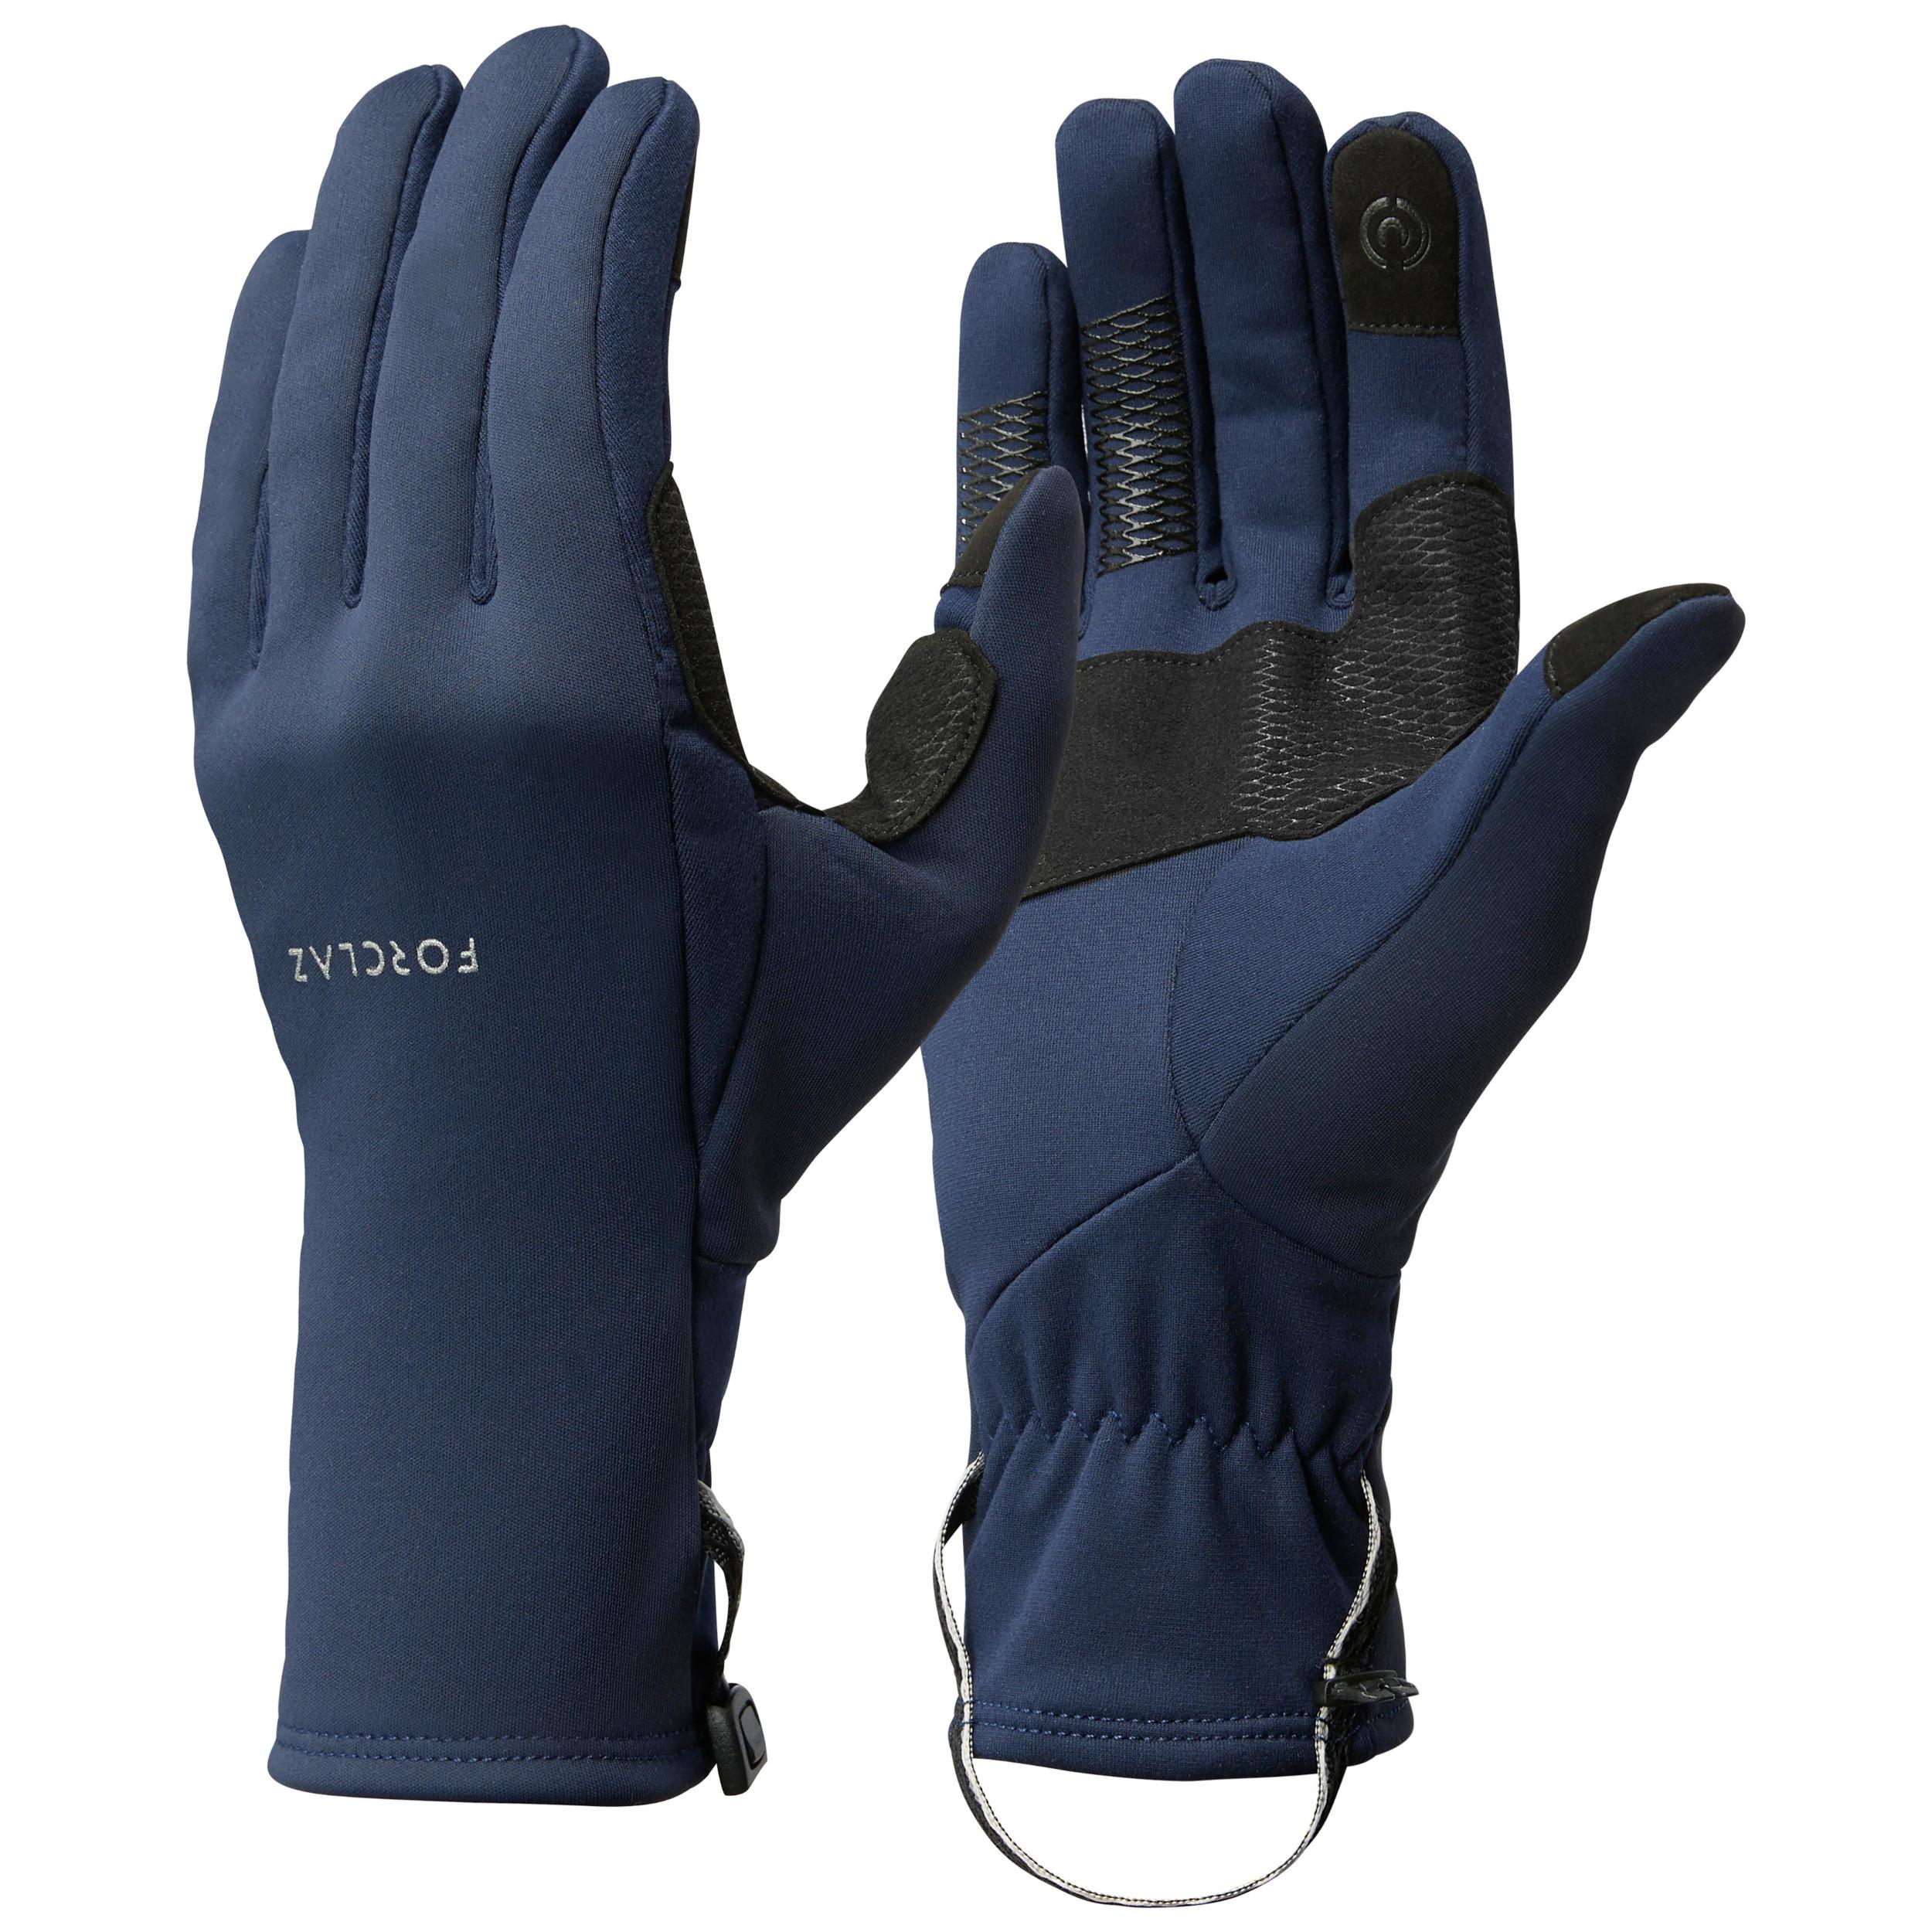 Mănuși respira TRE K500 Adulți imagine